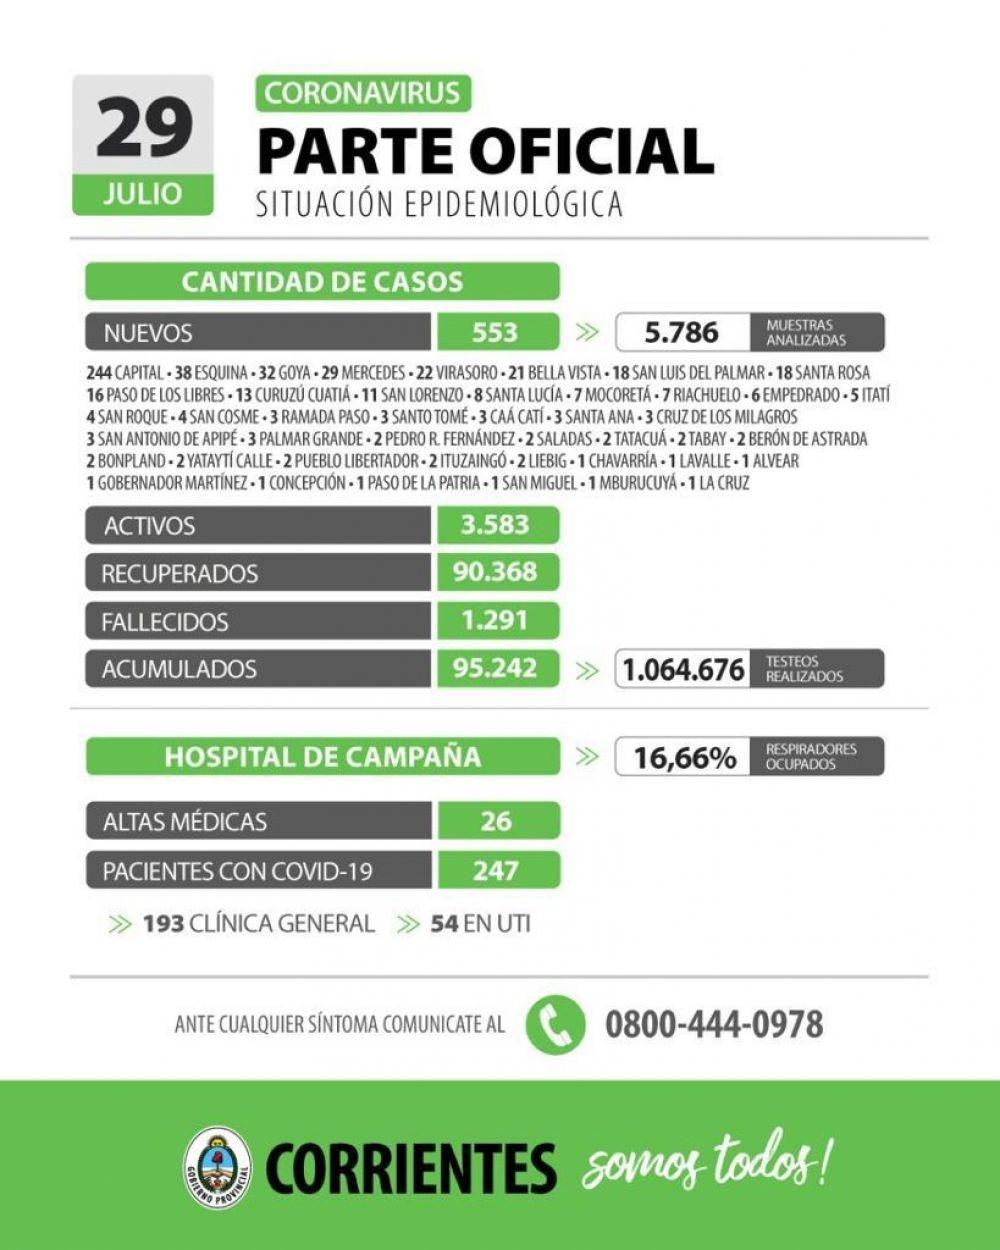 Informan de 553 nuevos casos de coronavirus en Corrientes